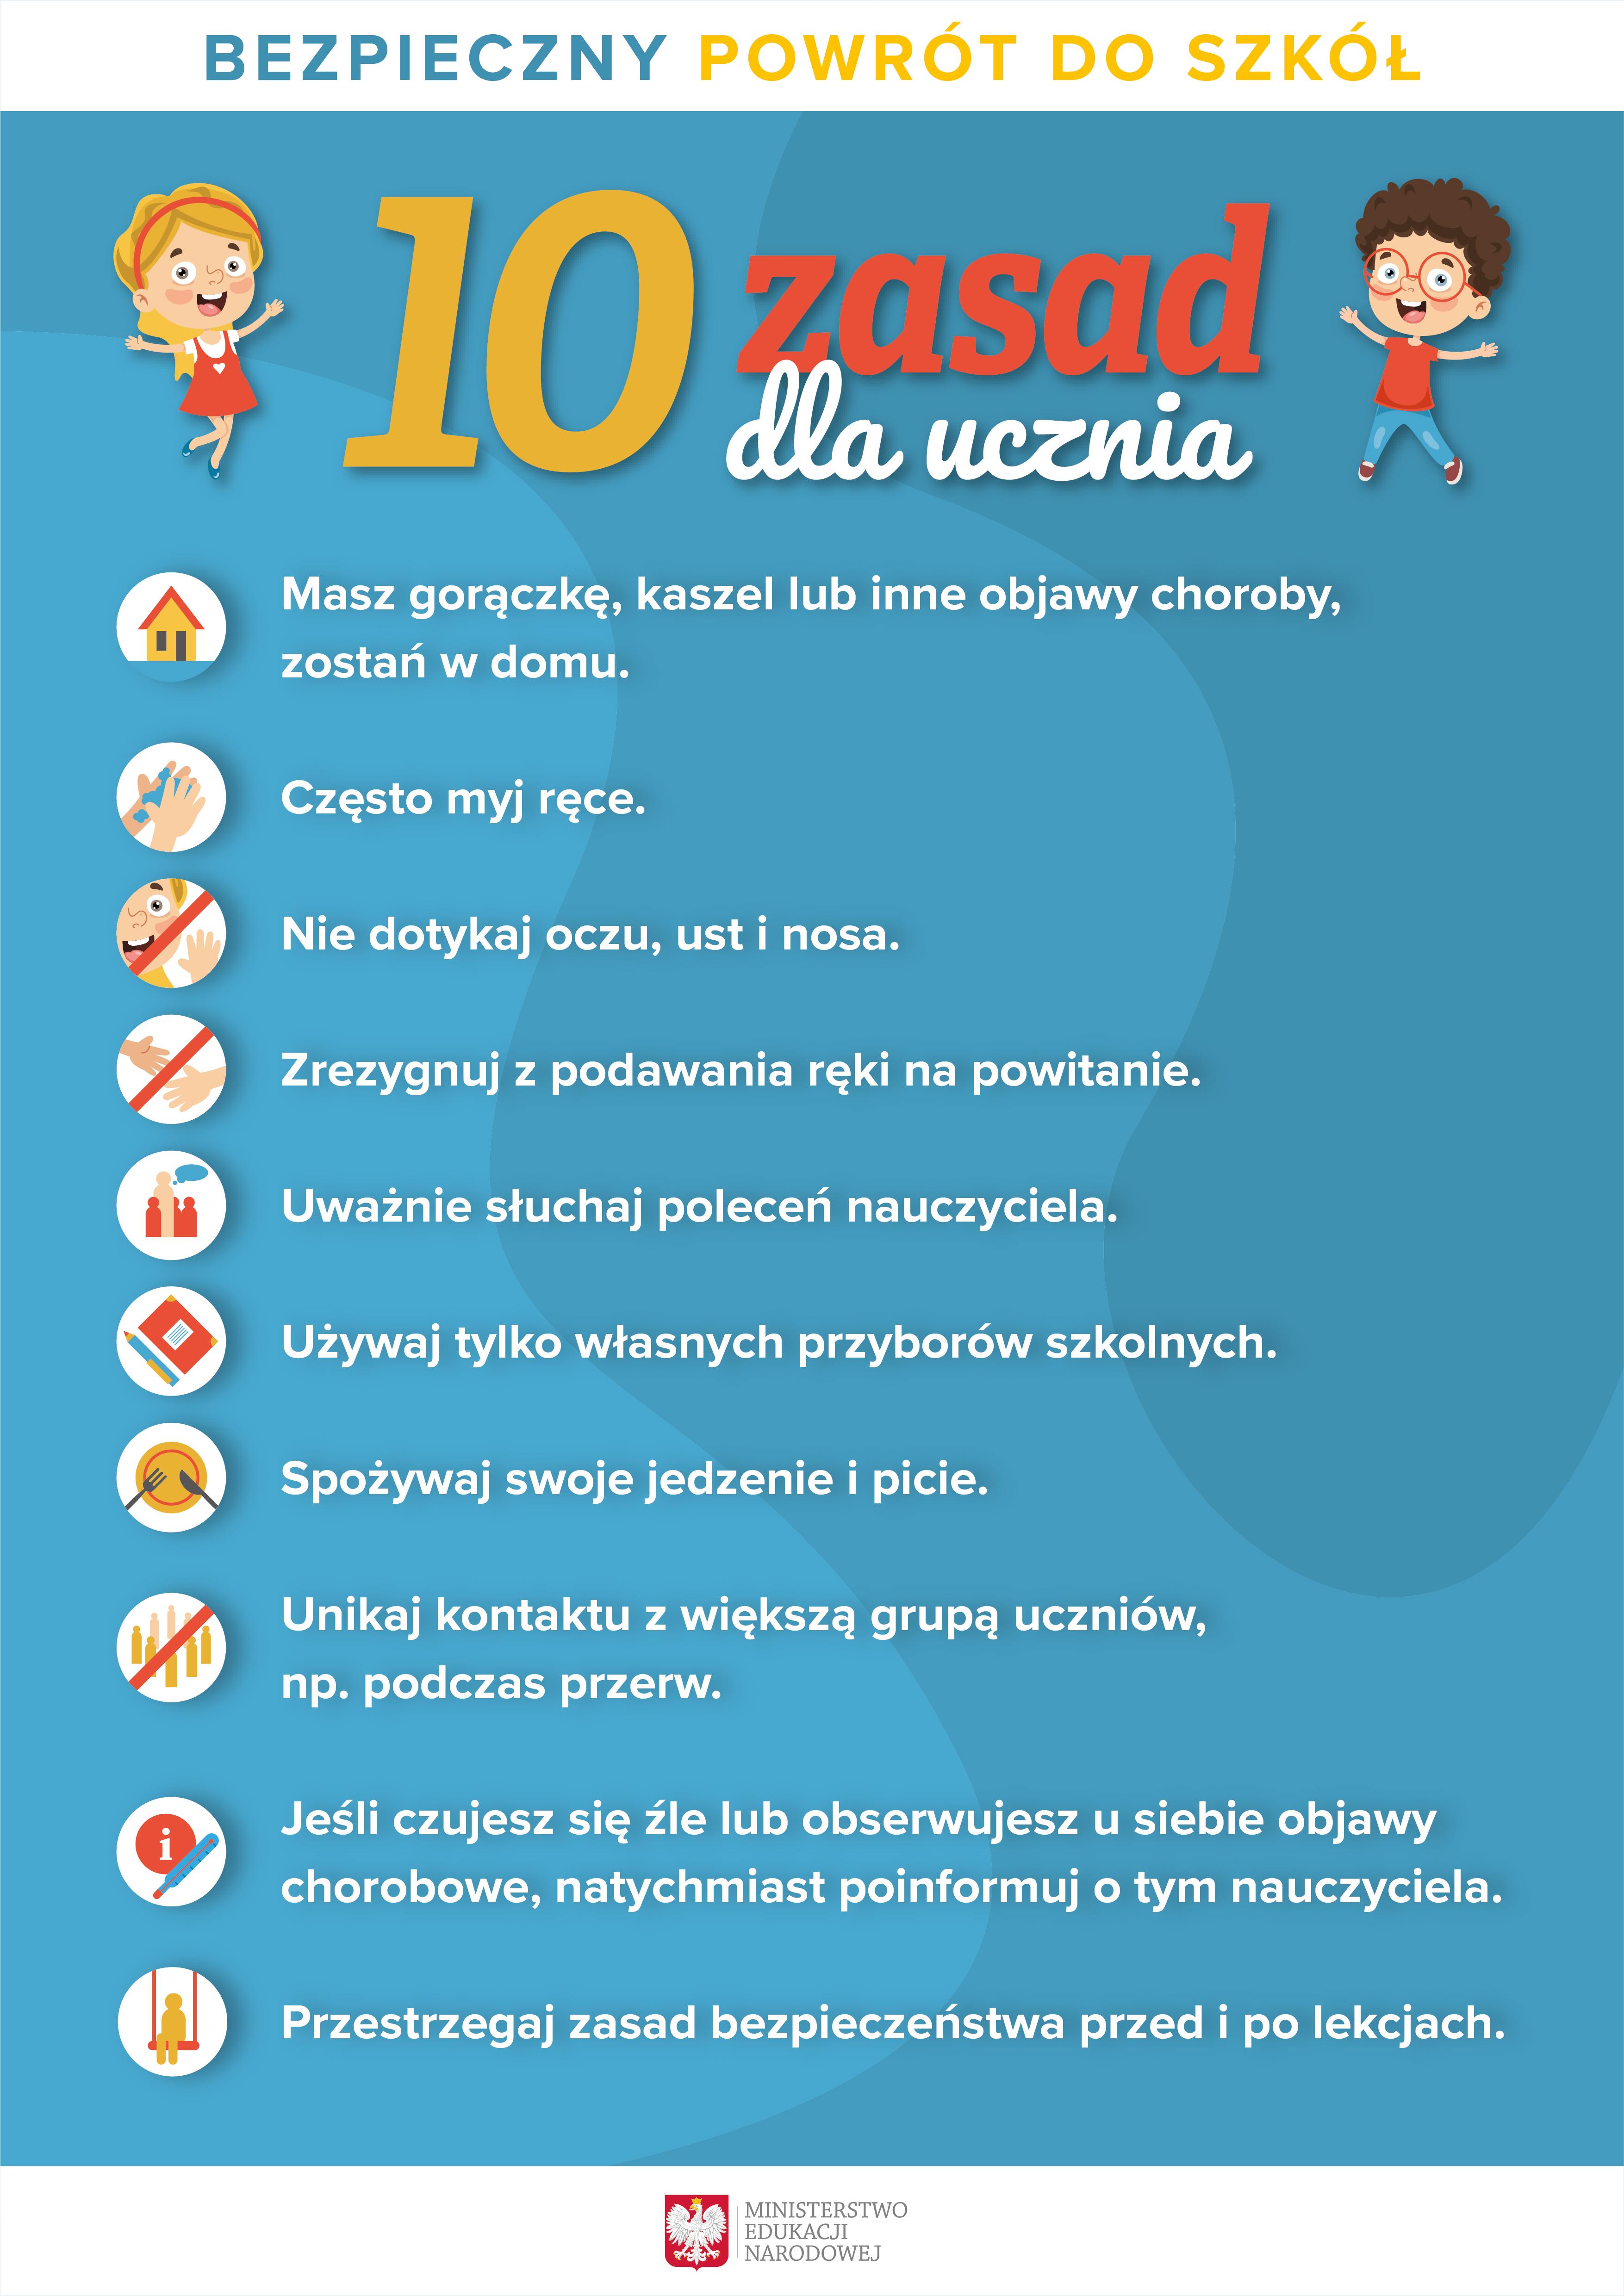 COVID-19 10 zasad dla ucznia